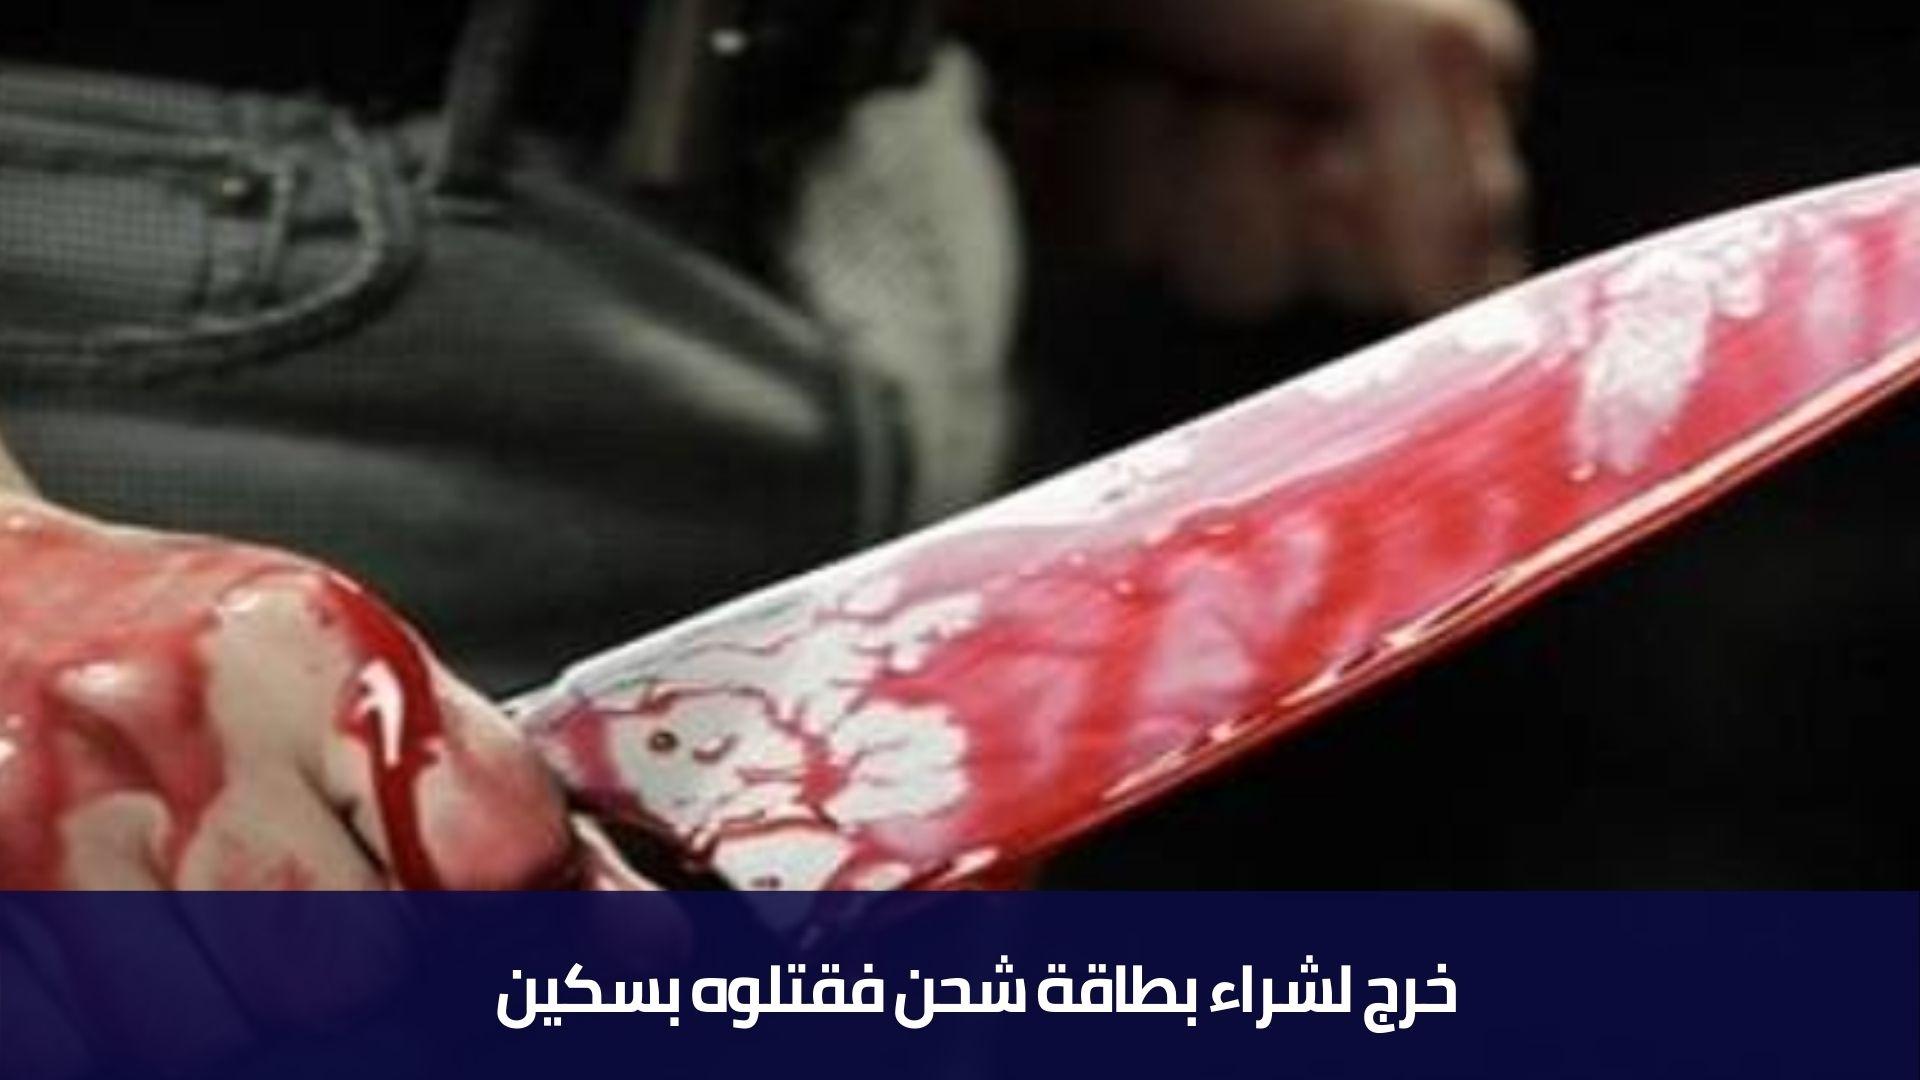 خرج لشراء بطاقة شحن فقتلوه بسكين